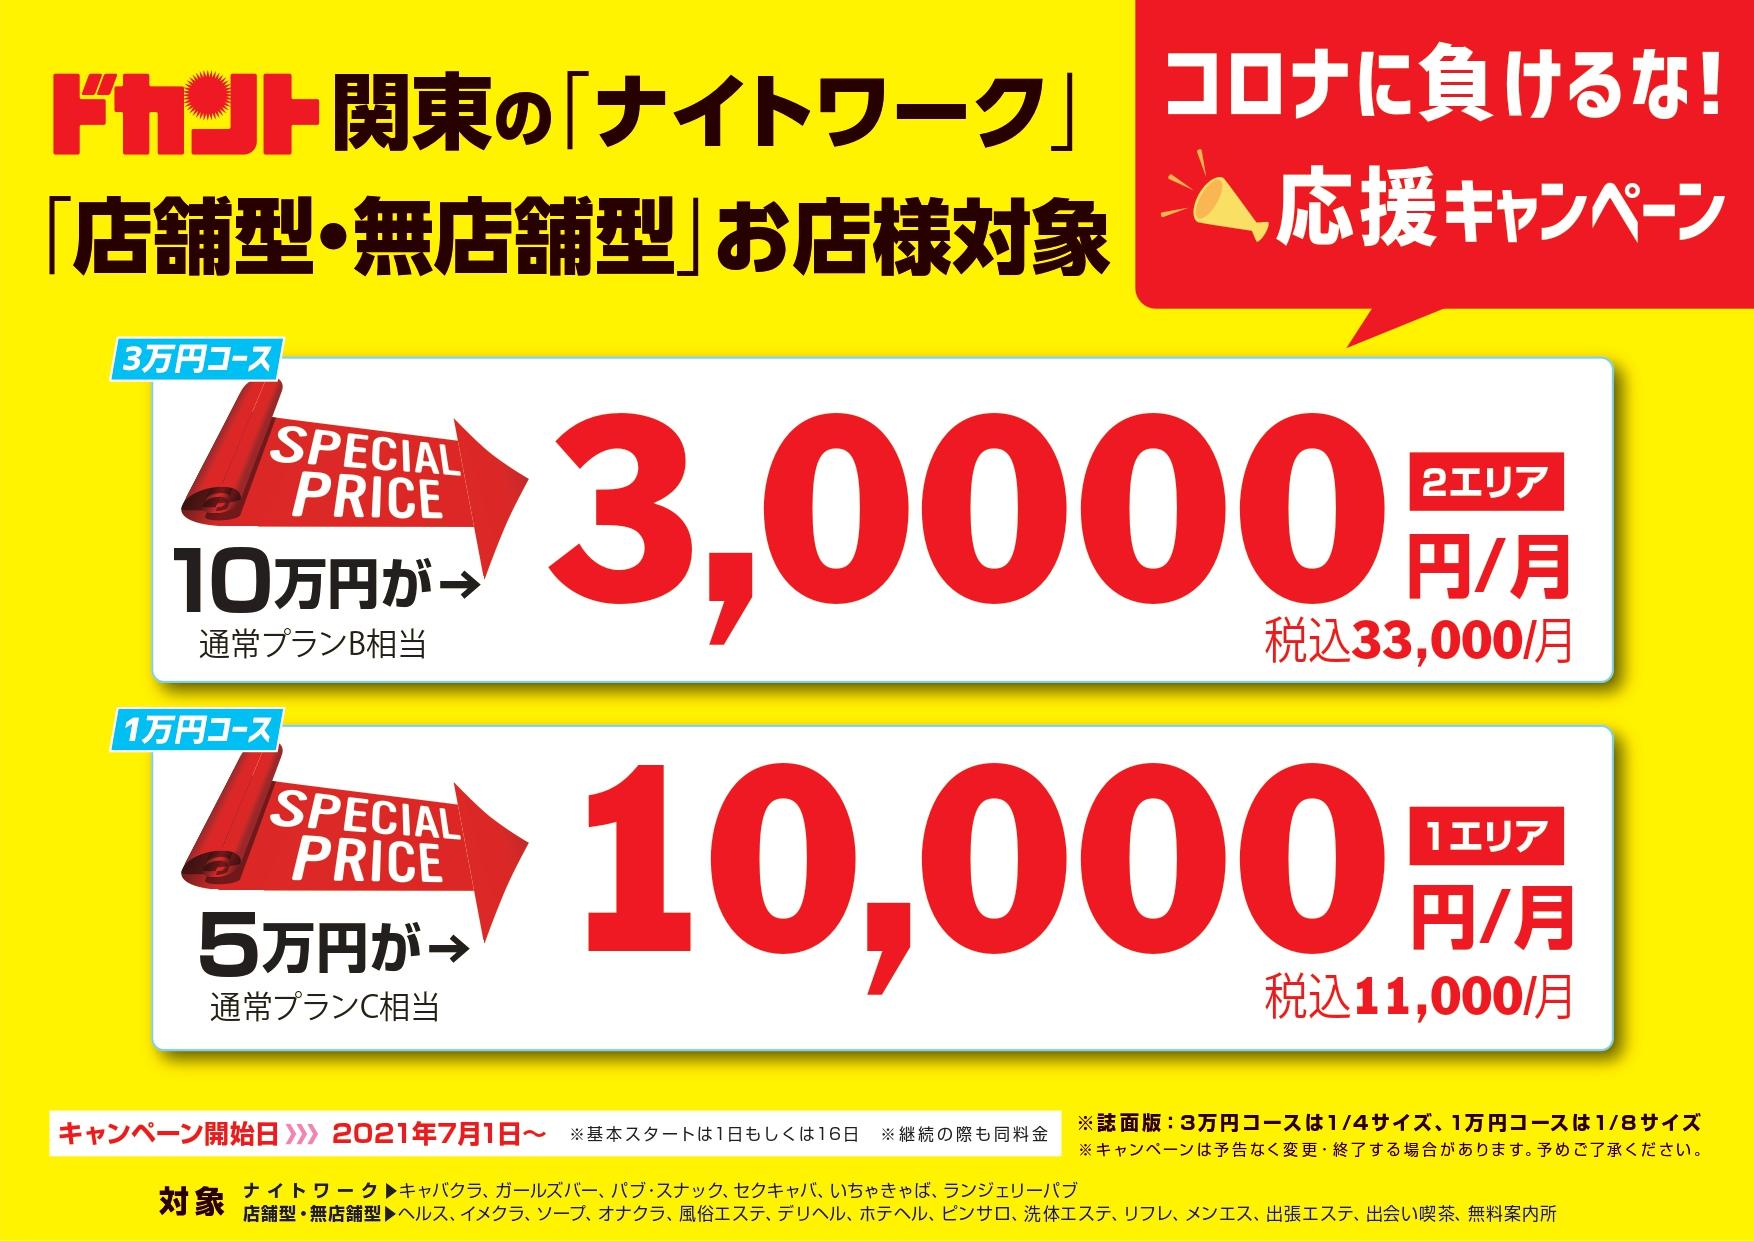 【ドカント】応援キャンペーン